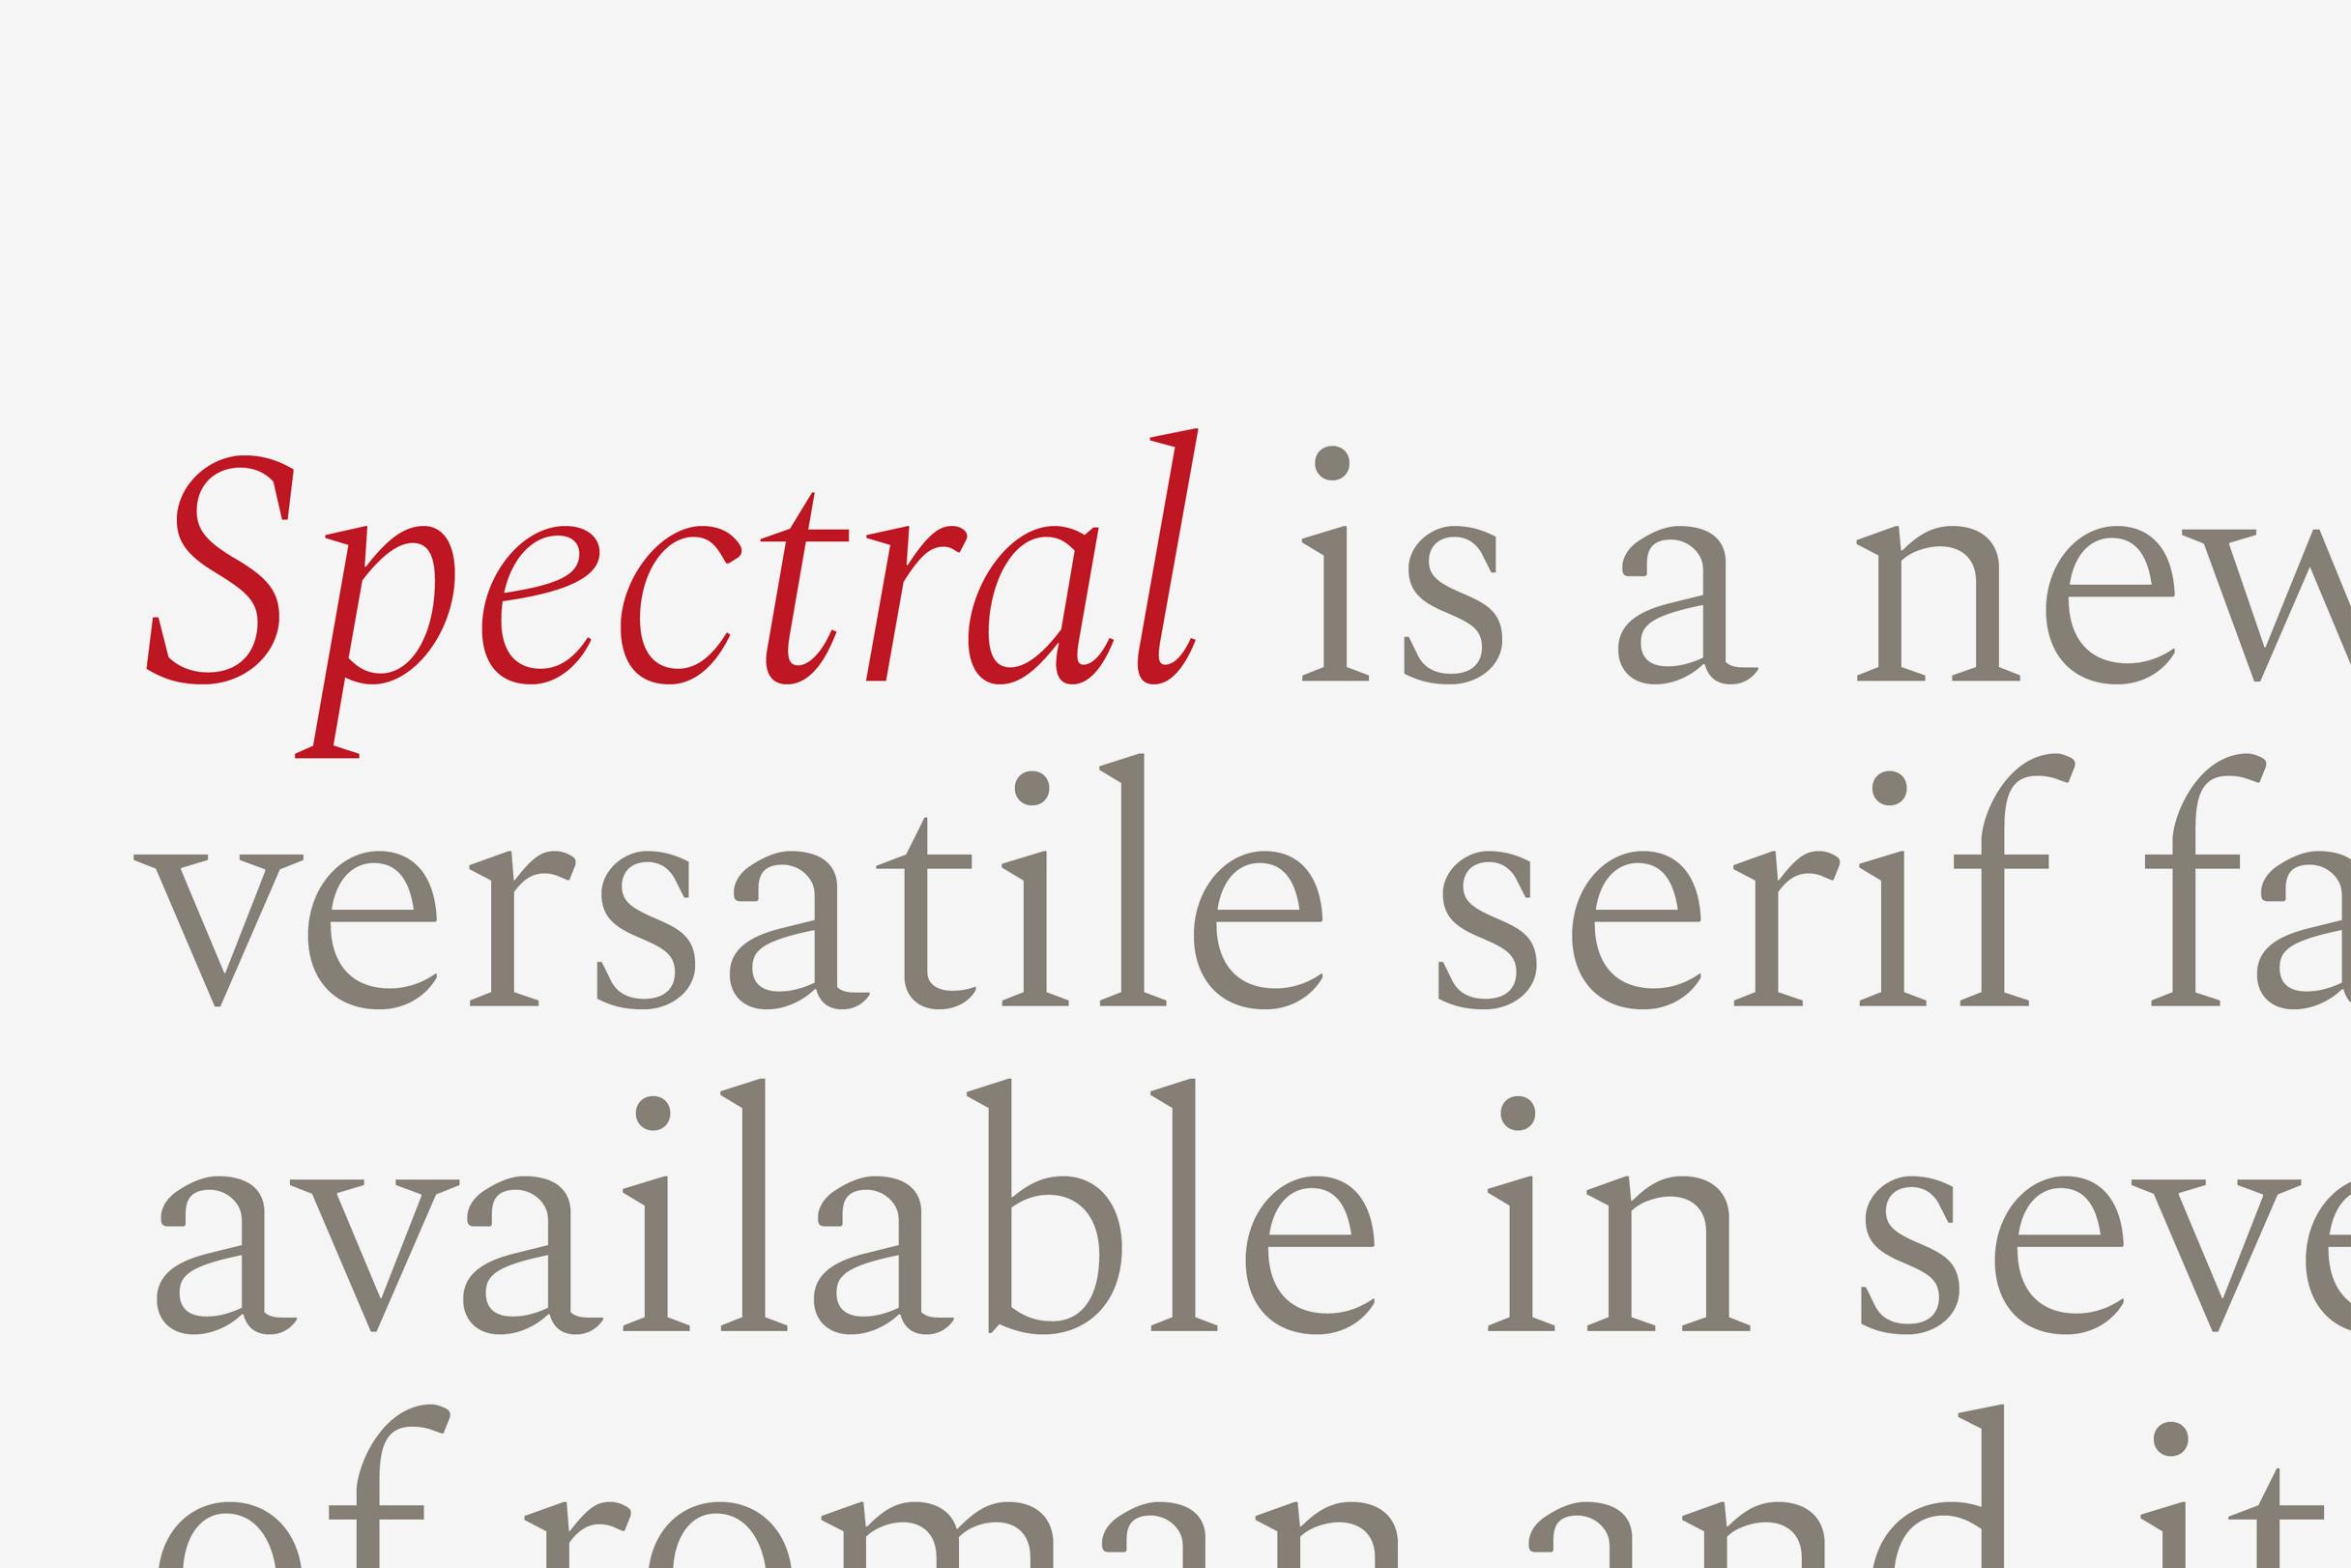 Spectral_3x2_alt.png